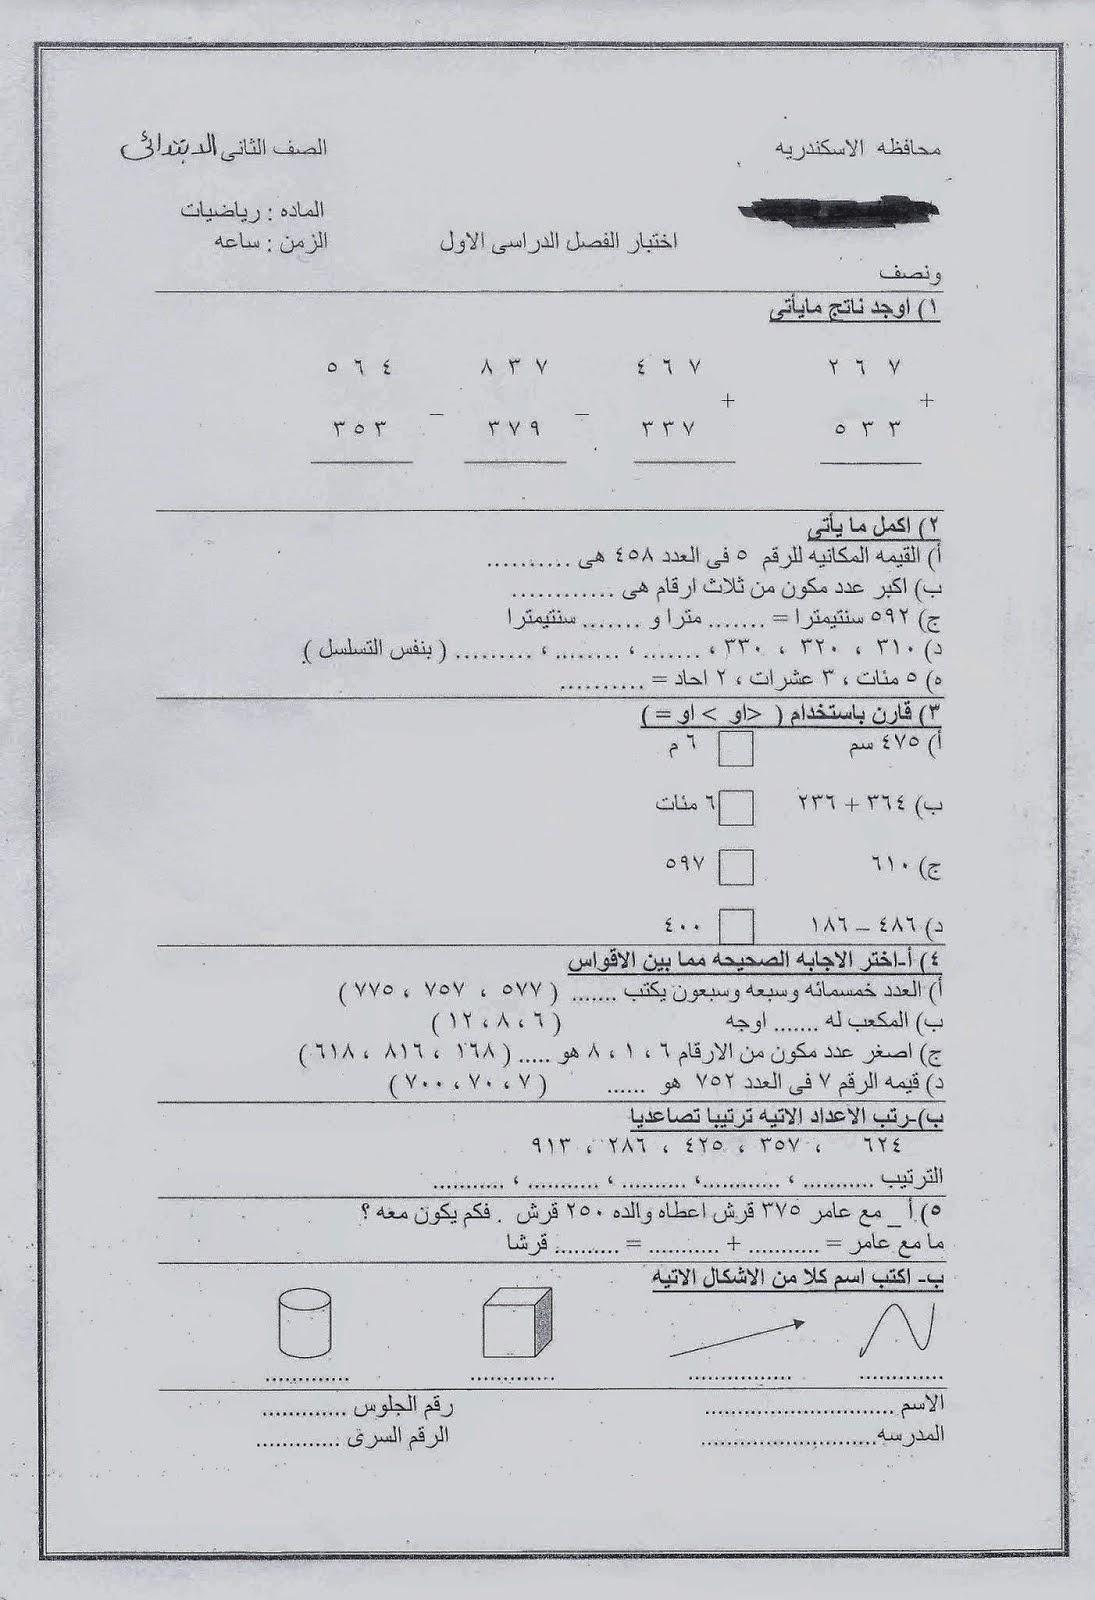 امتحانات كل مواد الثاني الابتدائي الترم الأول 2015 مدارس مصر عربى ولغات scan0073.jpg